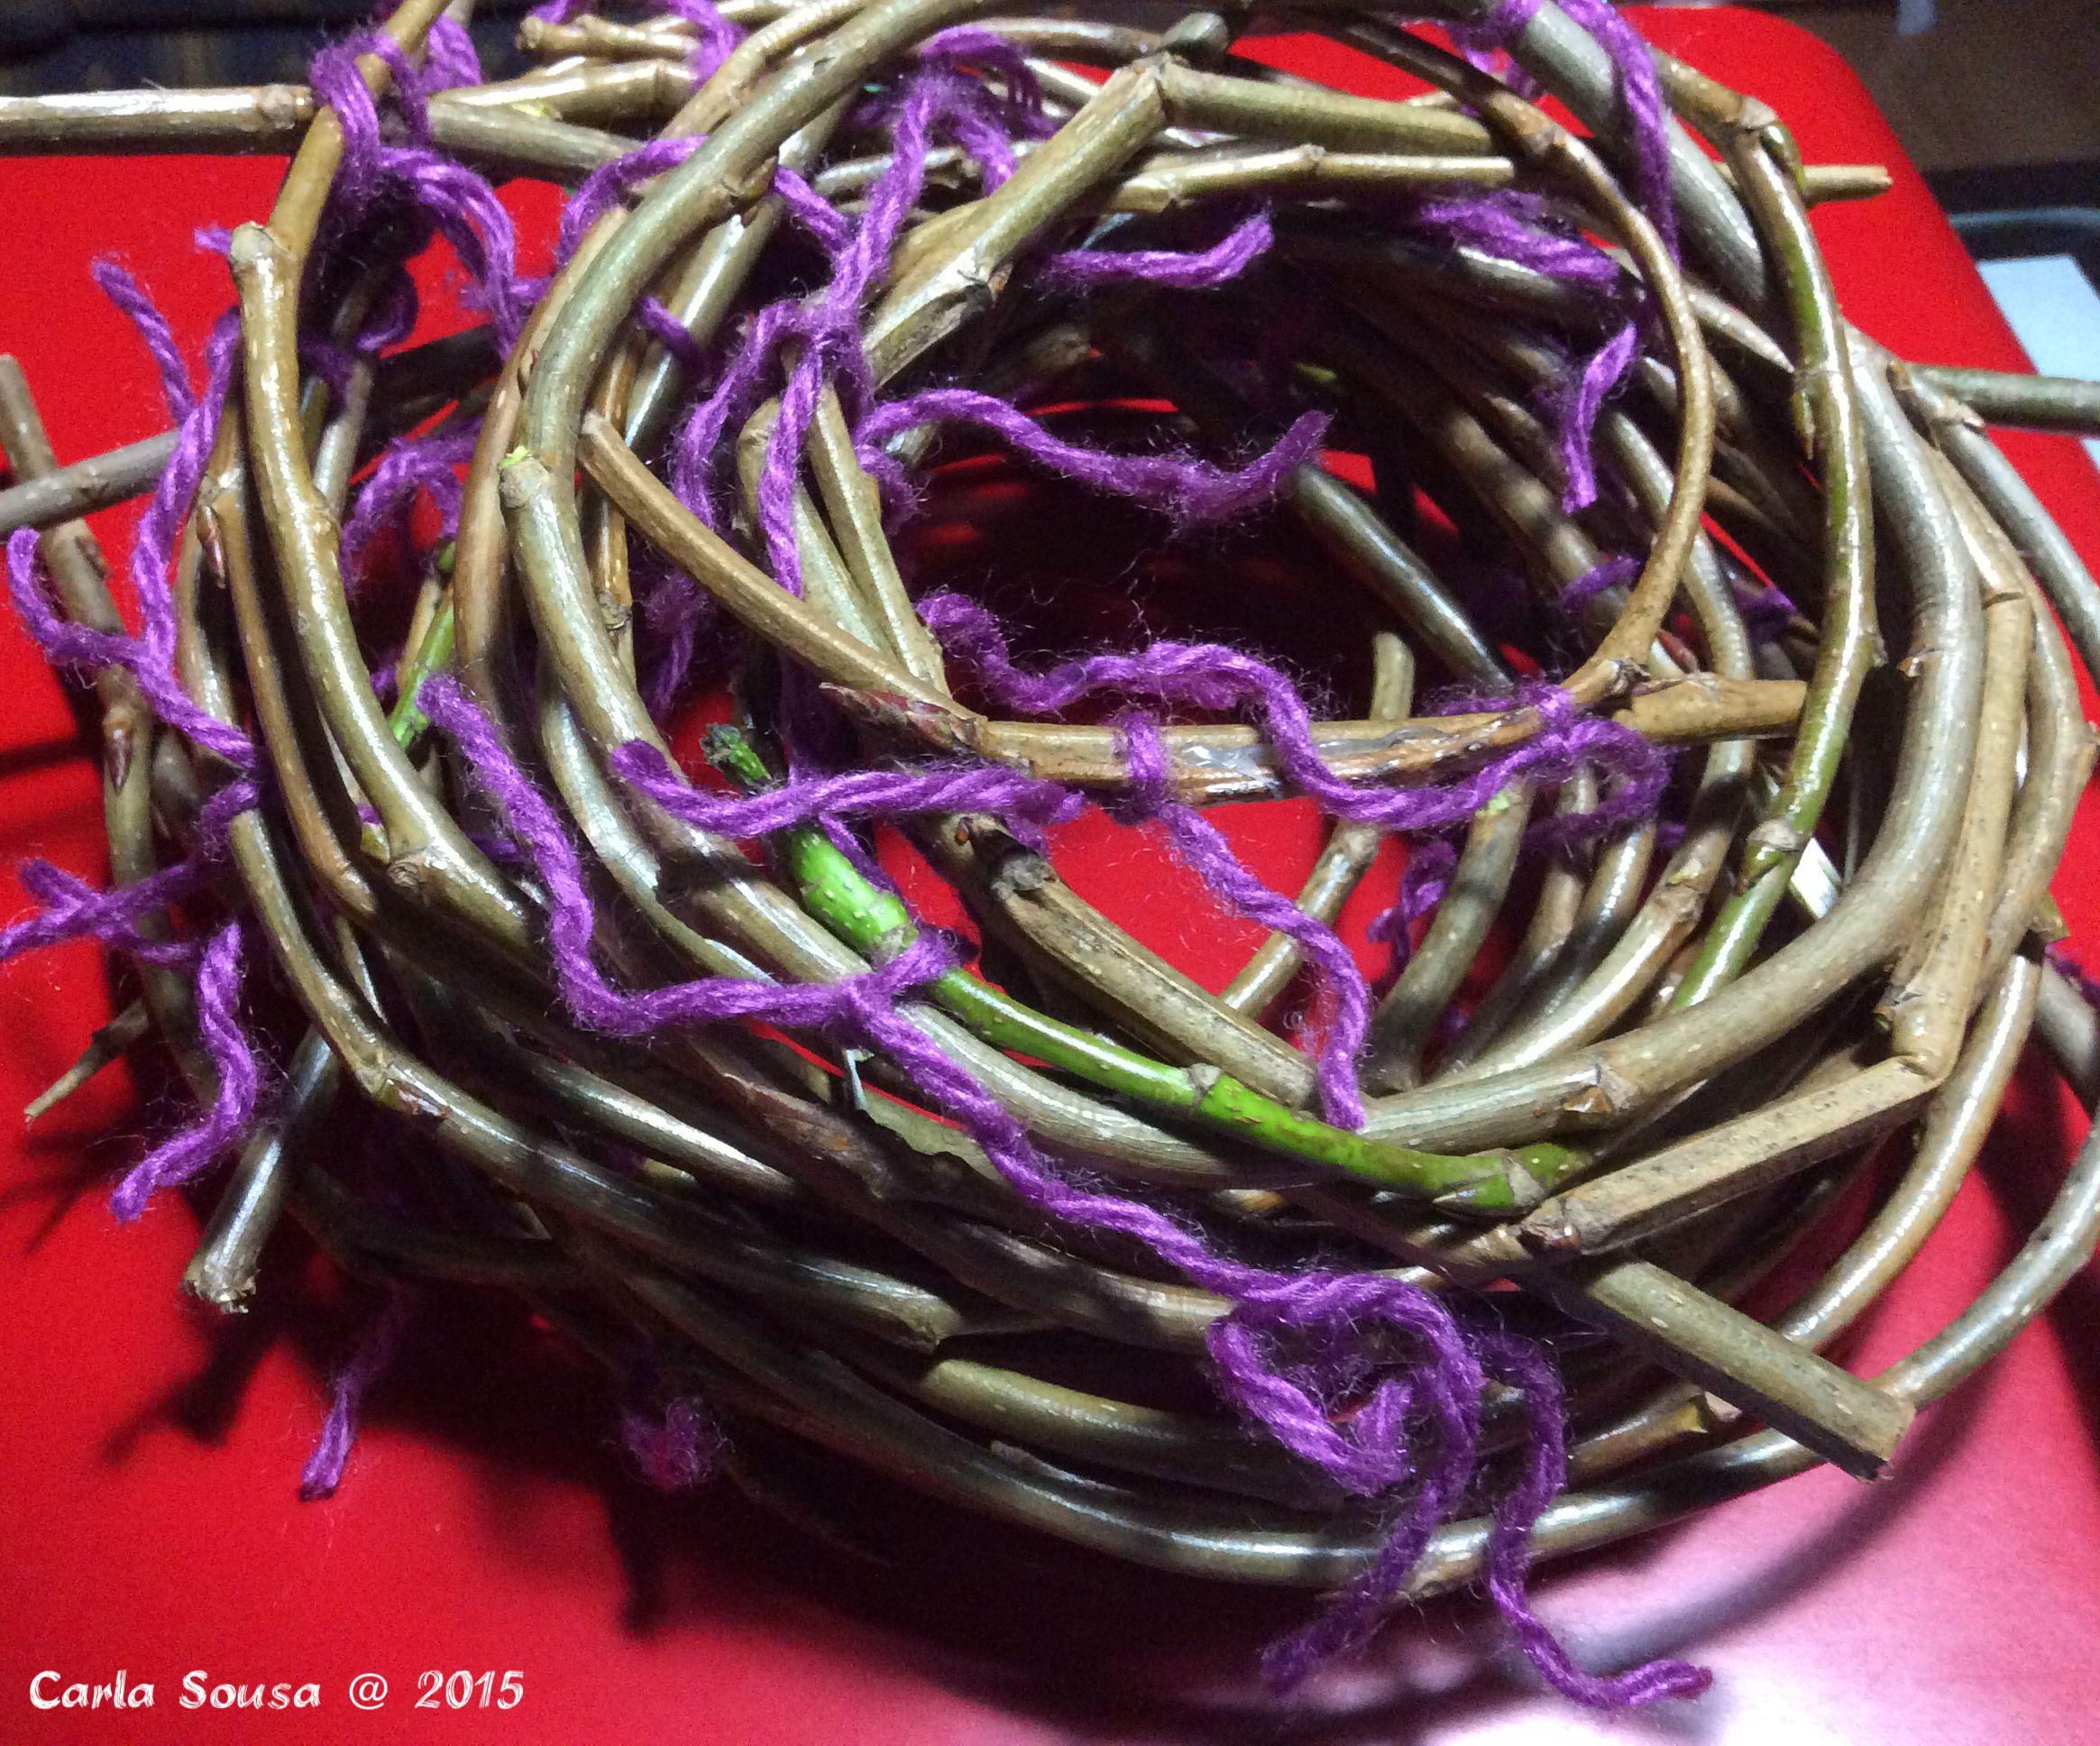 Ramos prontos para secarem. Novidades em breve! Branches ready to dry. News coming soon! #crafts #artesanato #